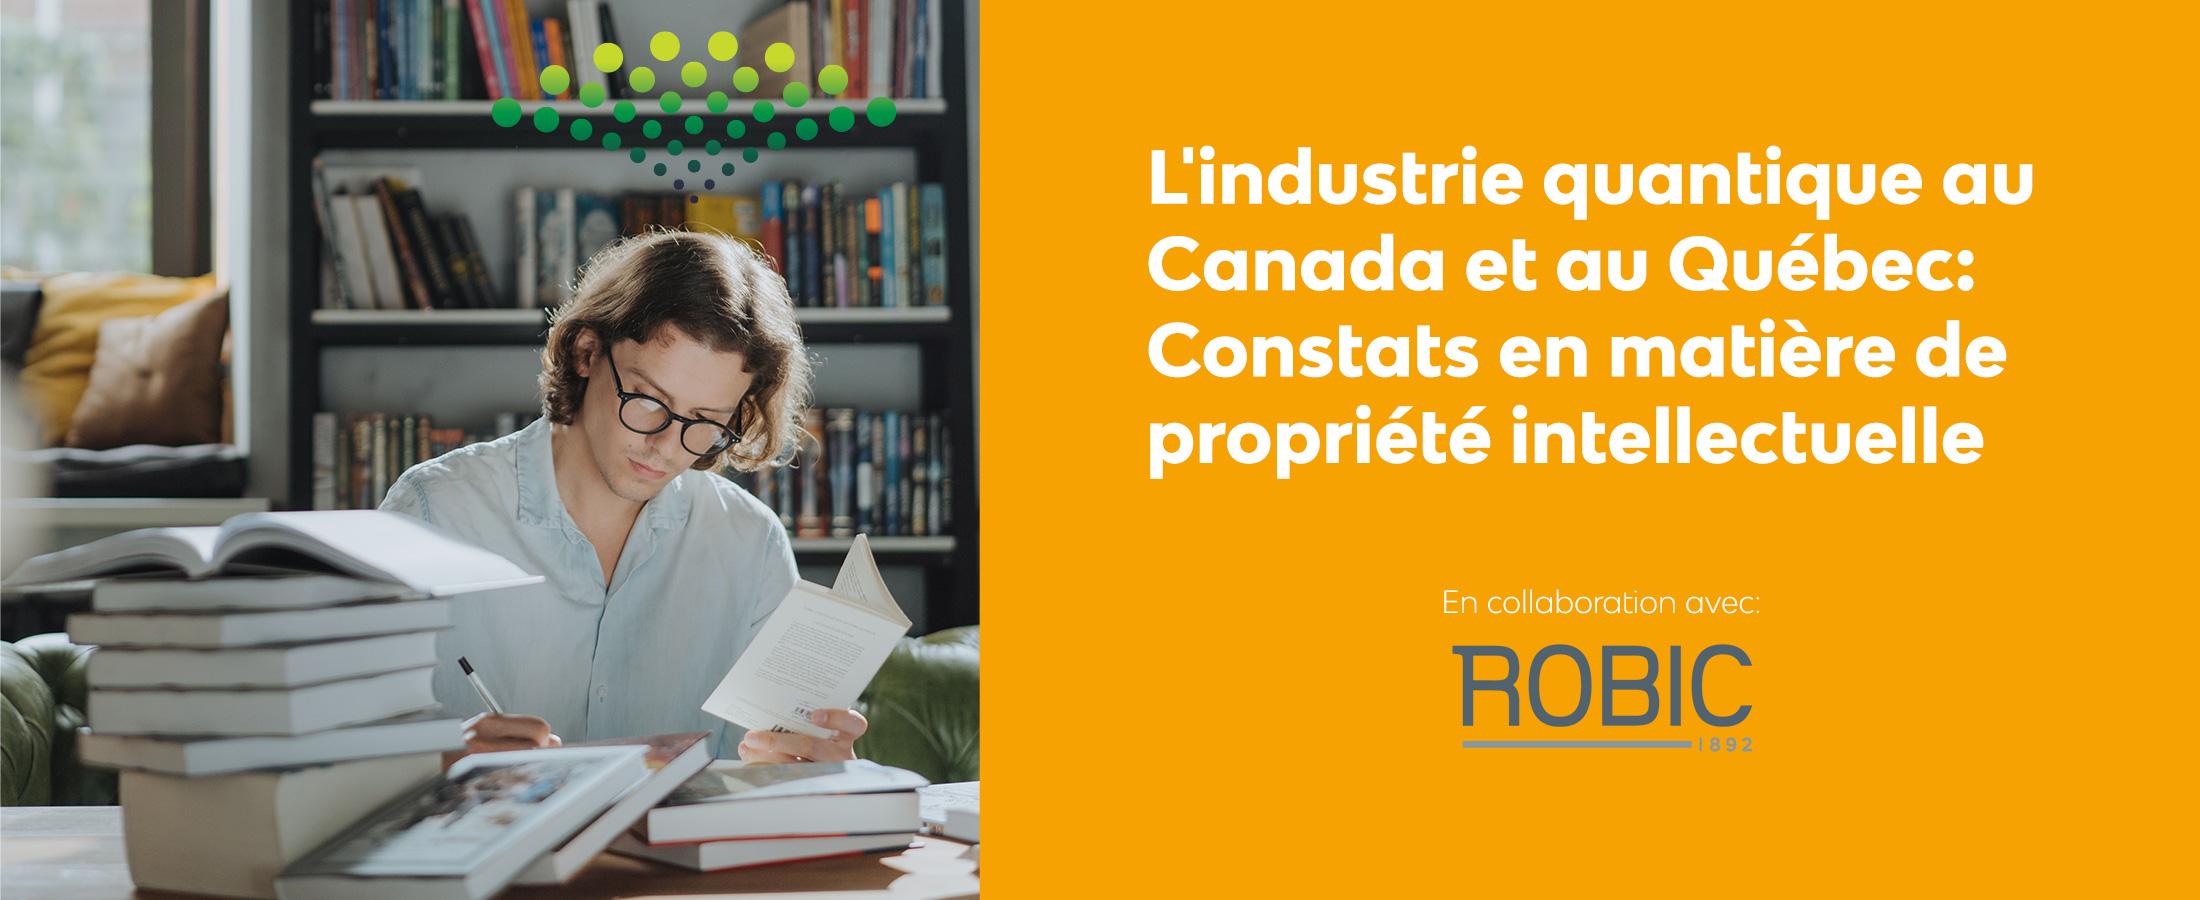 L'industrie quantique au Canada et au Québec: Constats en matière de propriété intellectuelle